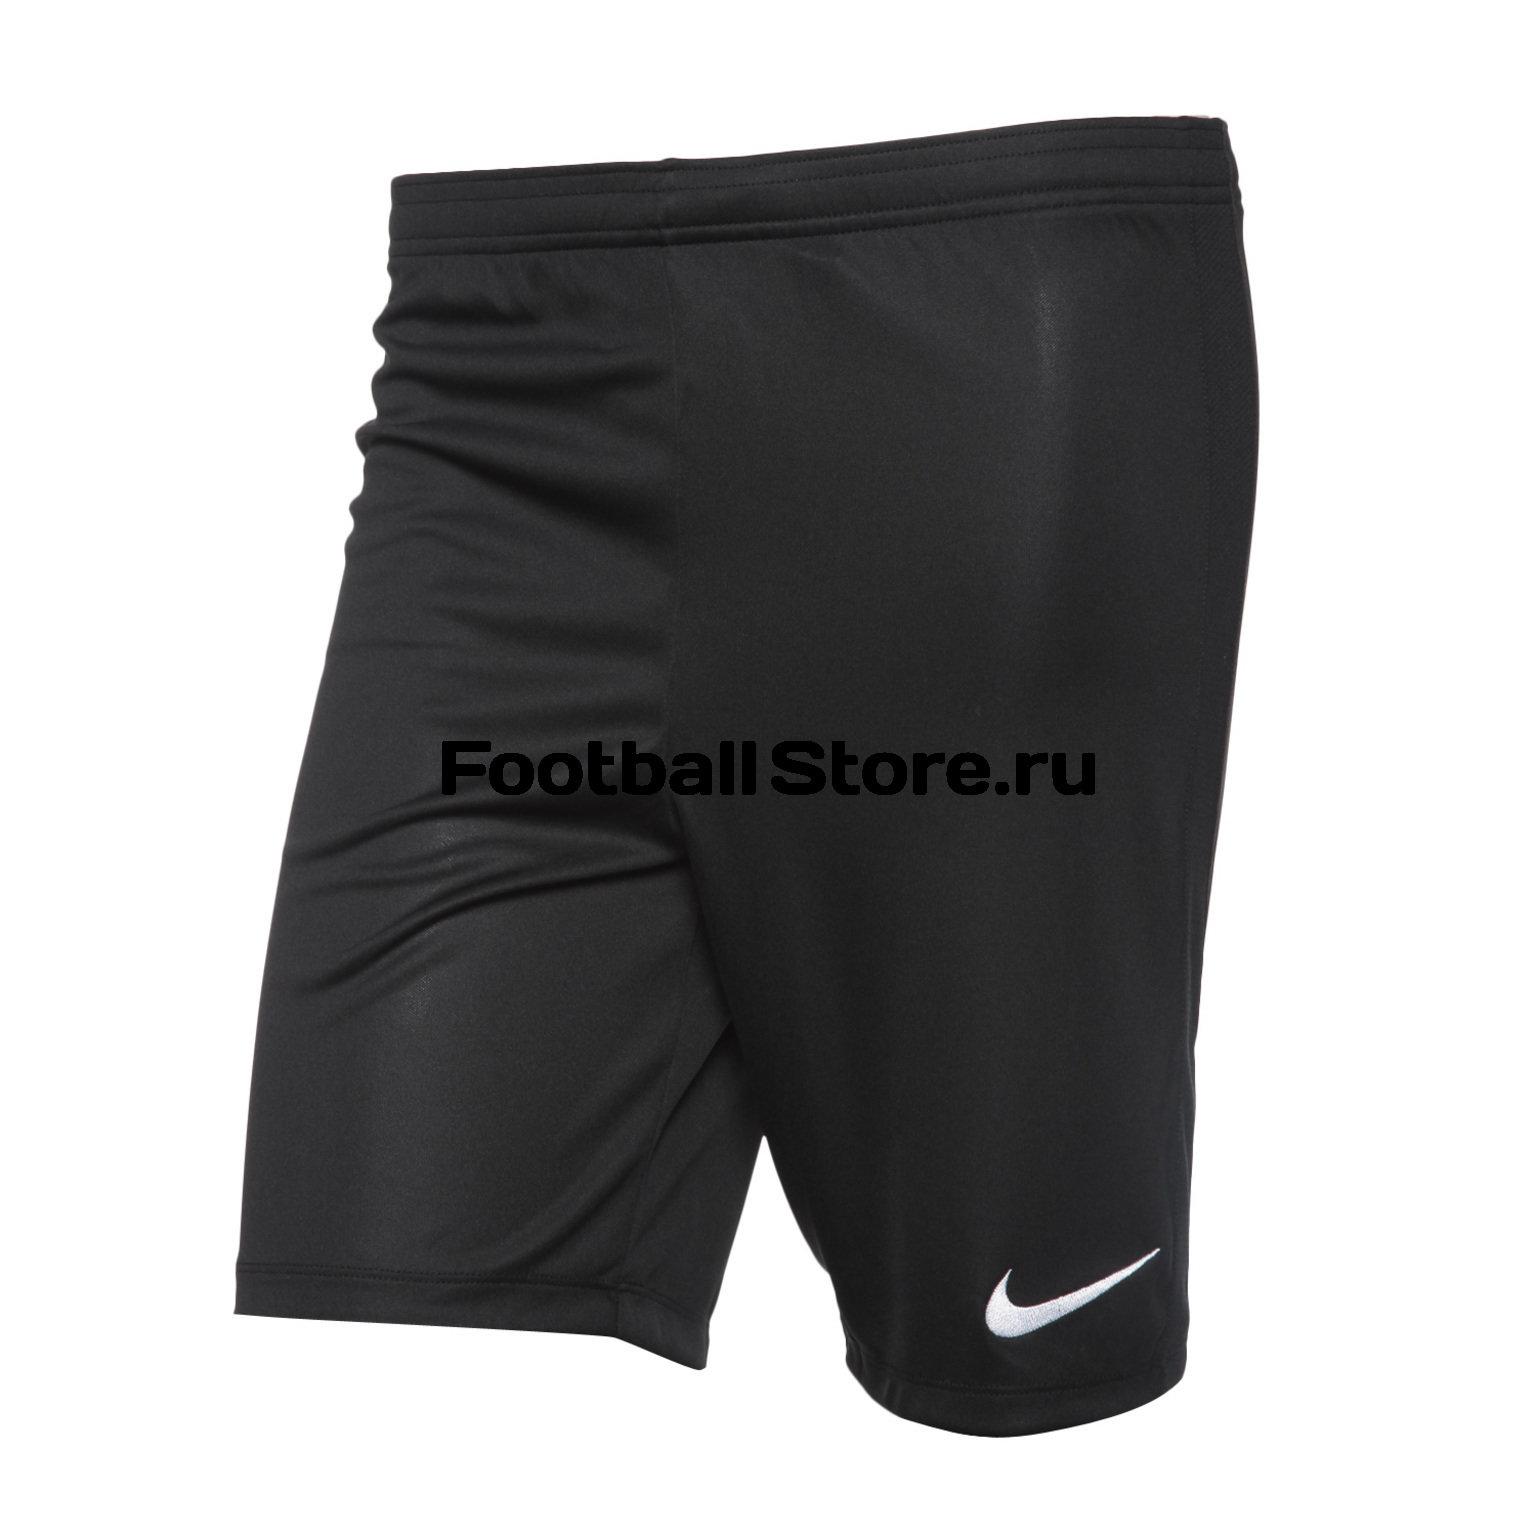 Шорты футбольные Nike Dry Academy18 Knit Shorts, M, черный, синтетика